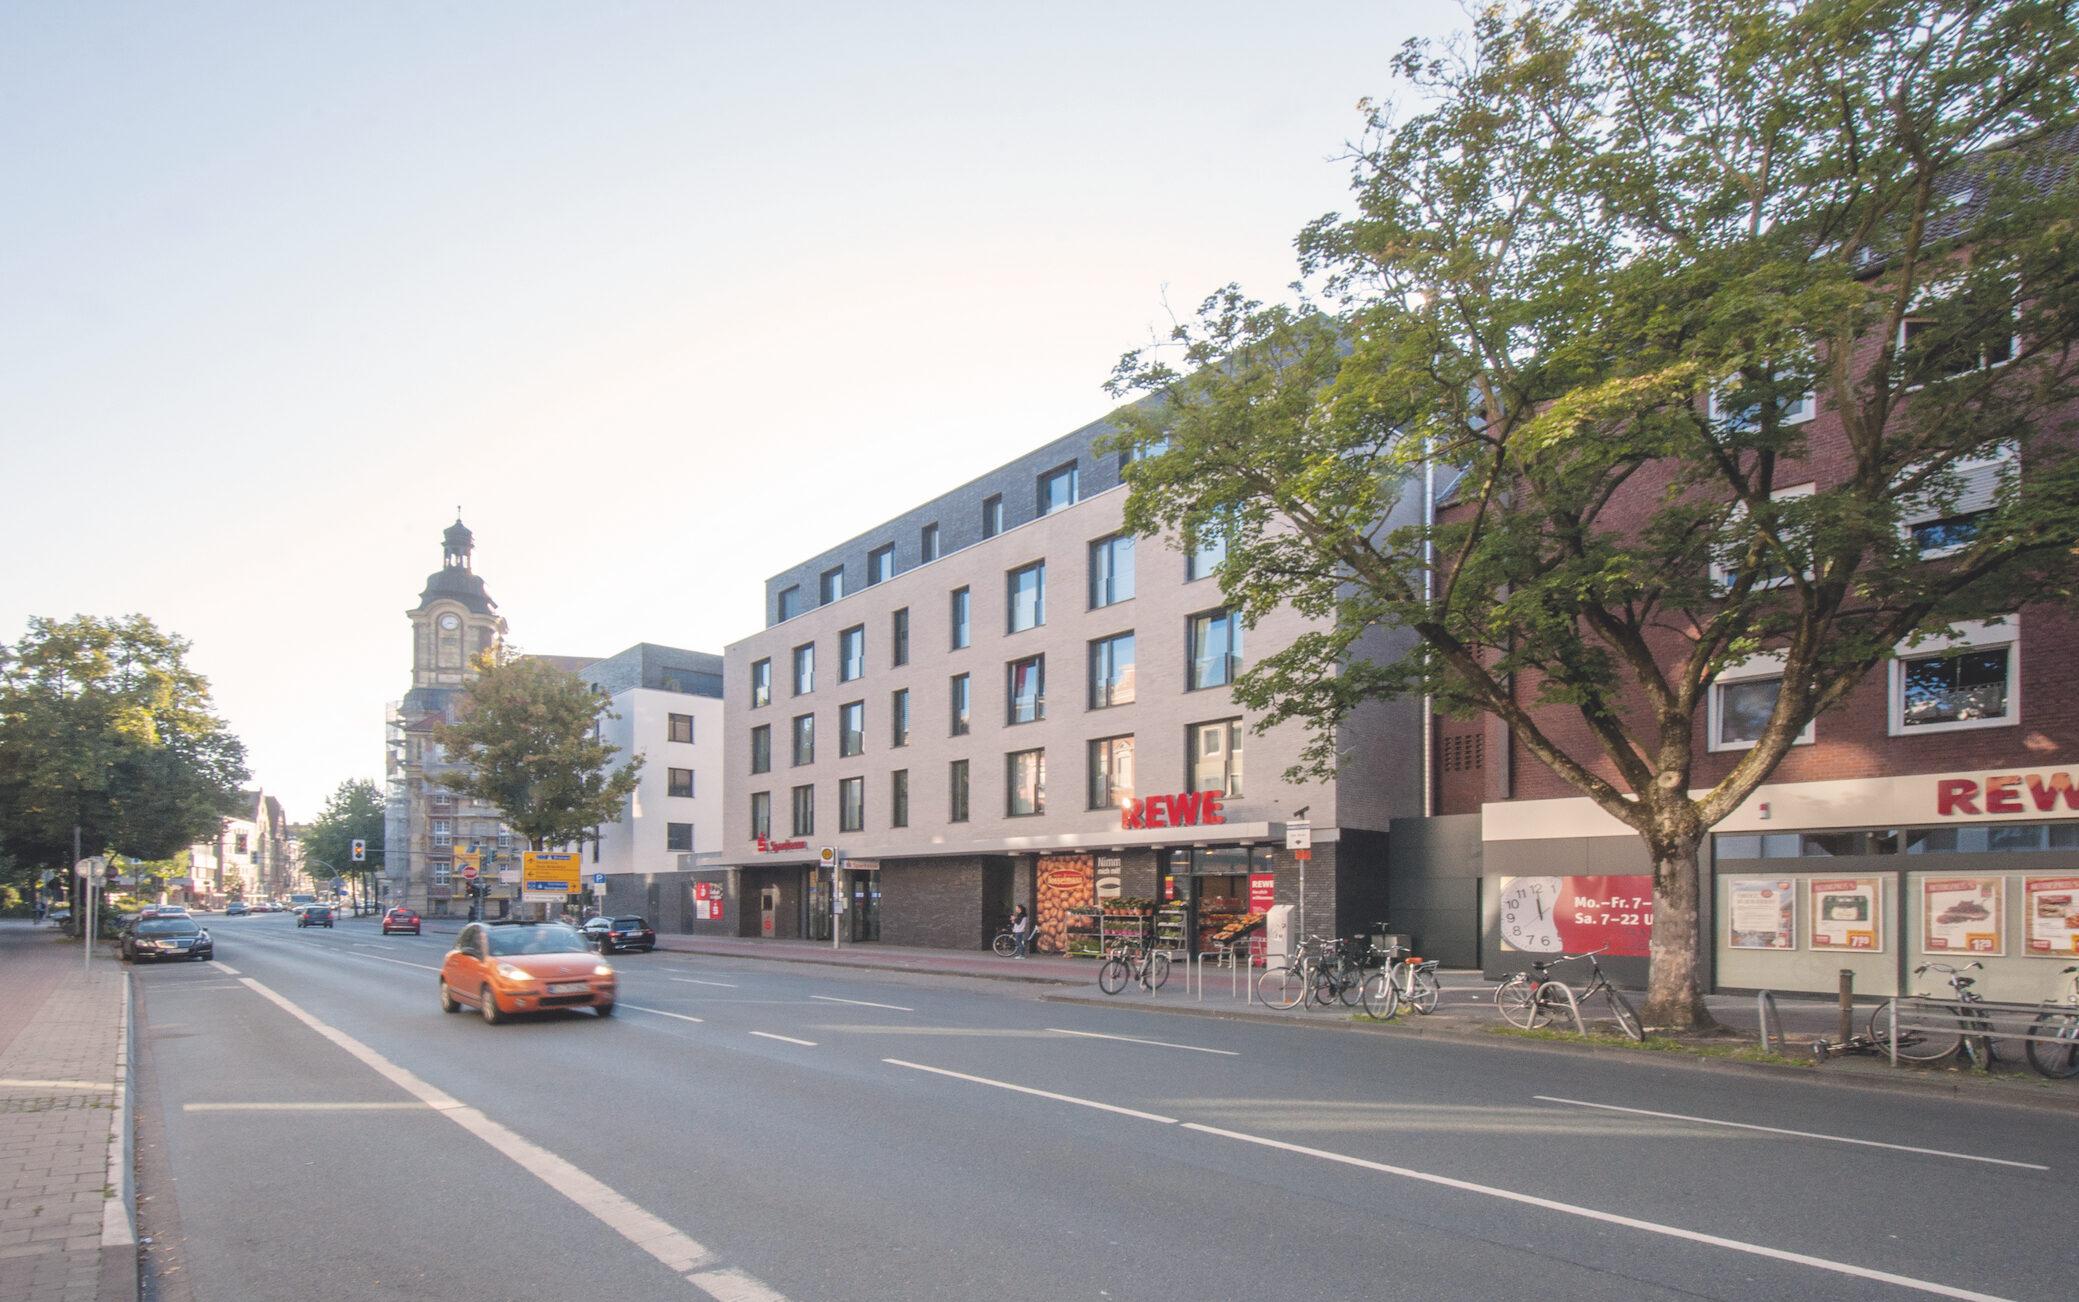 Wohn- und Geschäftshaus Warendorfer Straße Münster, Entwurf: Kötter Architekten BDA